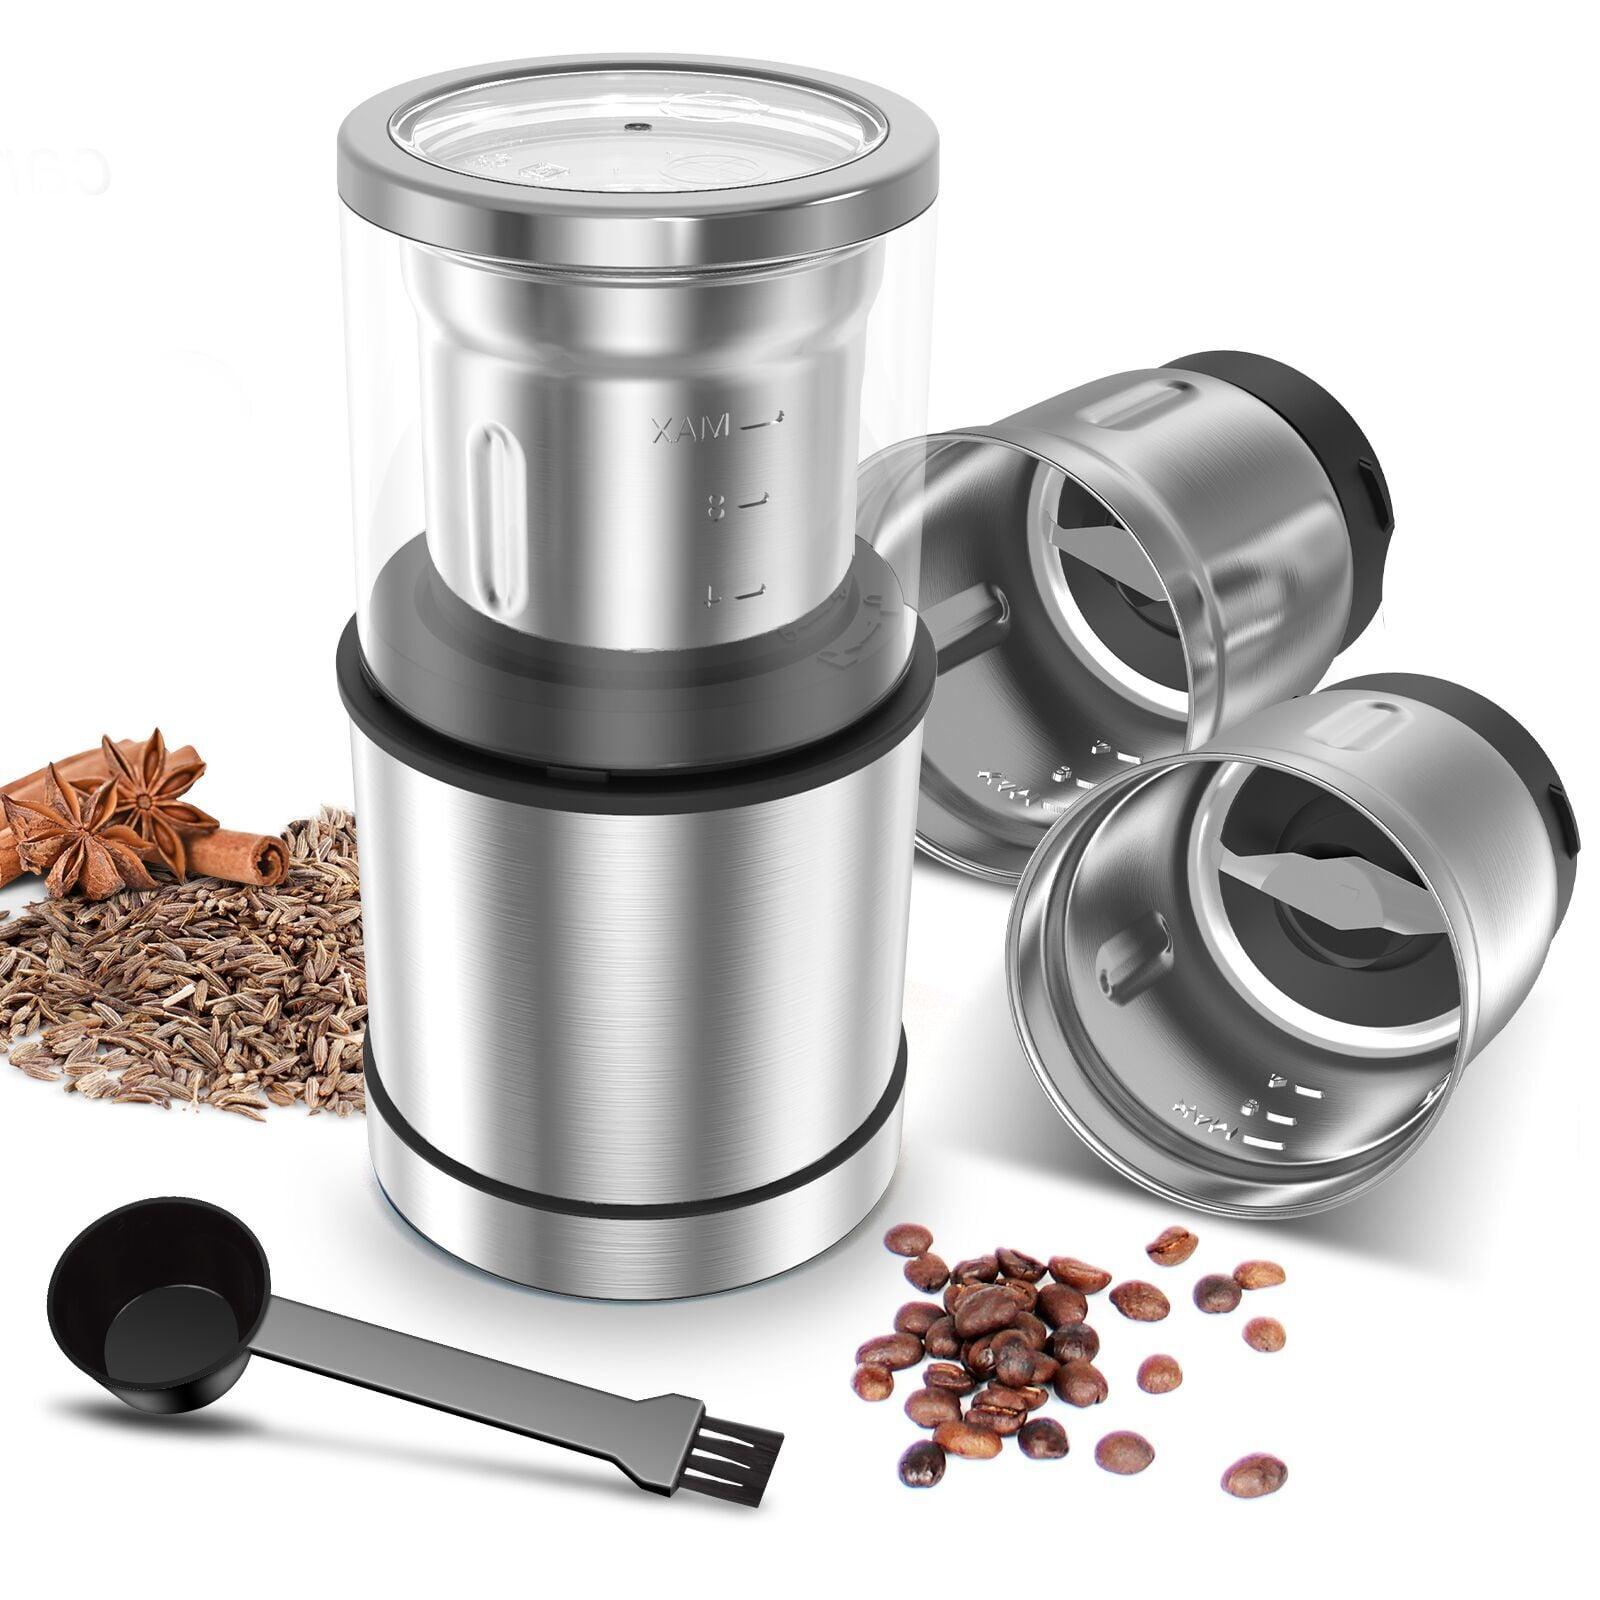 How to Sharpen Coffee Grinder Blades